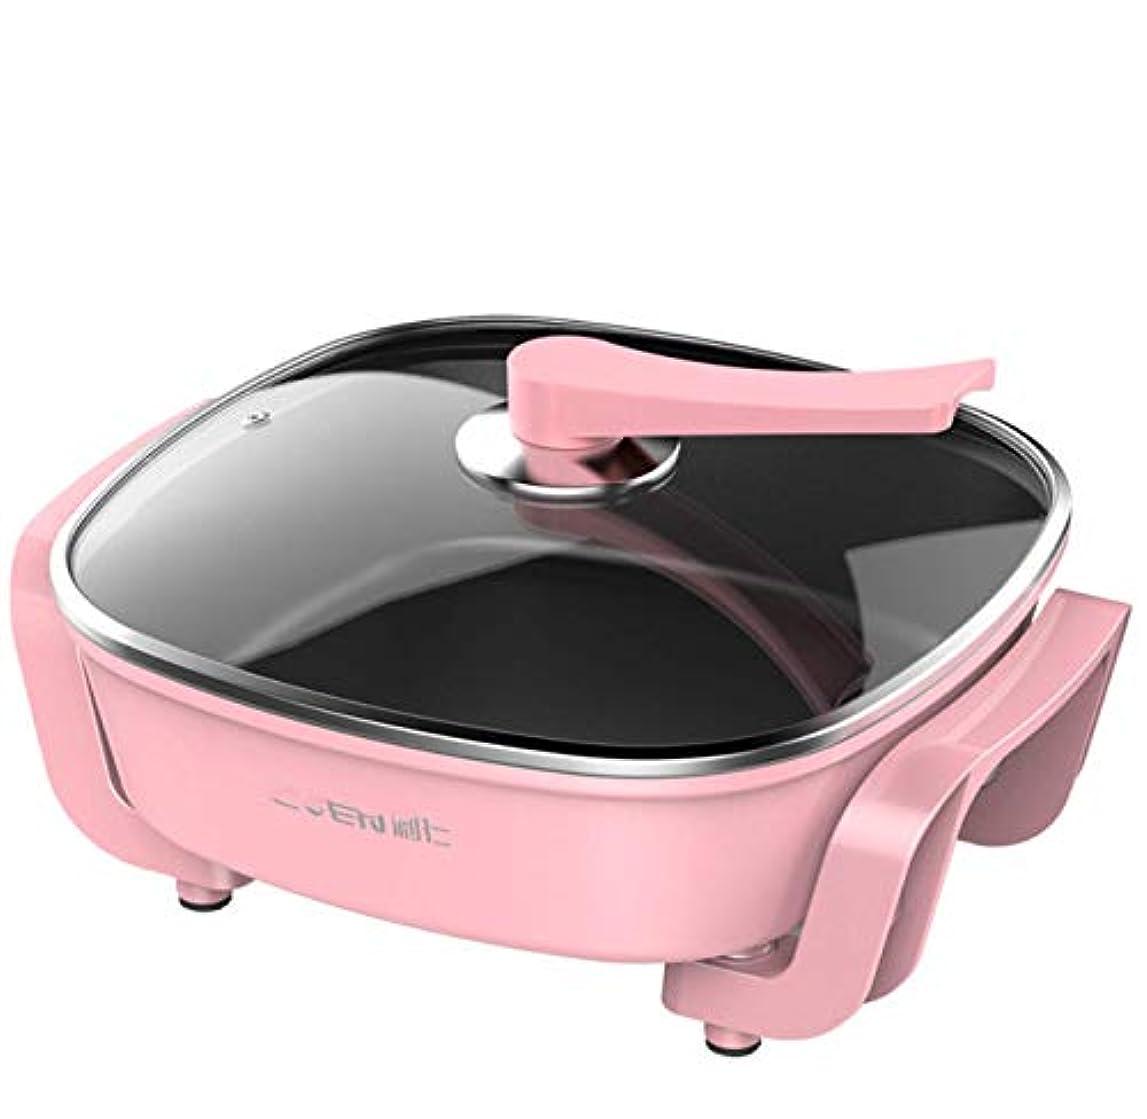 ホテルデンマークキウイキッチン用品多機能炊飯器、ノンスティック家庭用電気鍋/電気中華鍋/電動フライパン,Pink